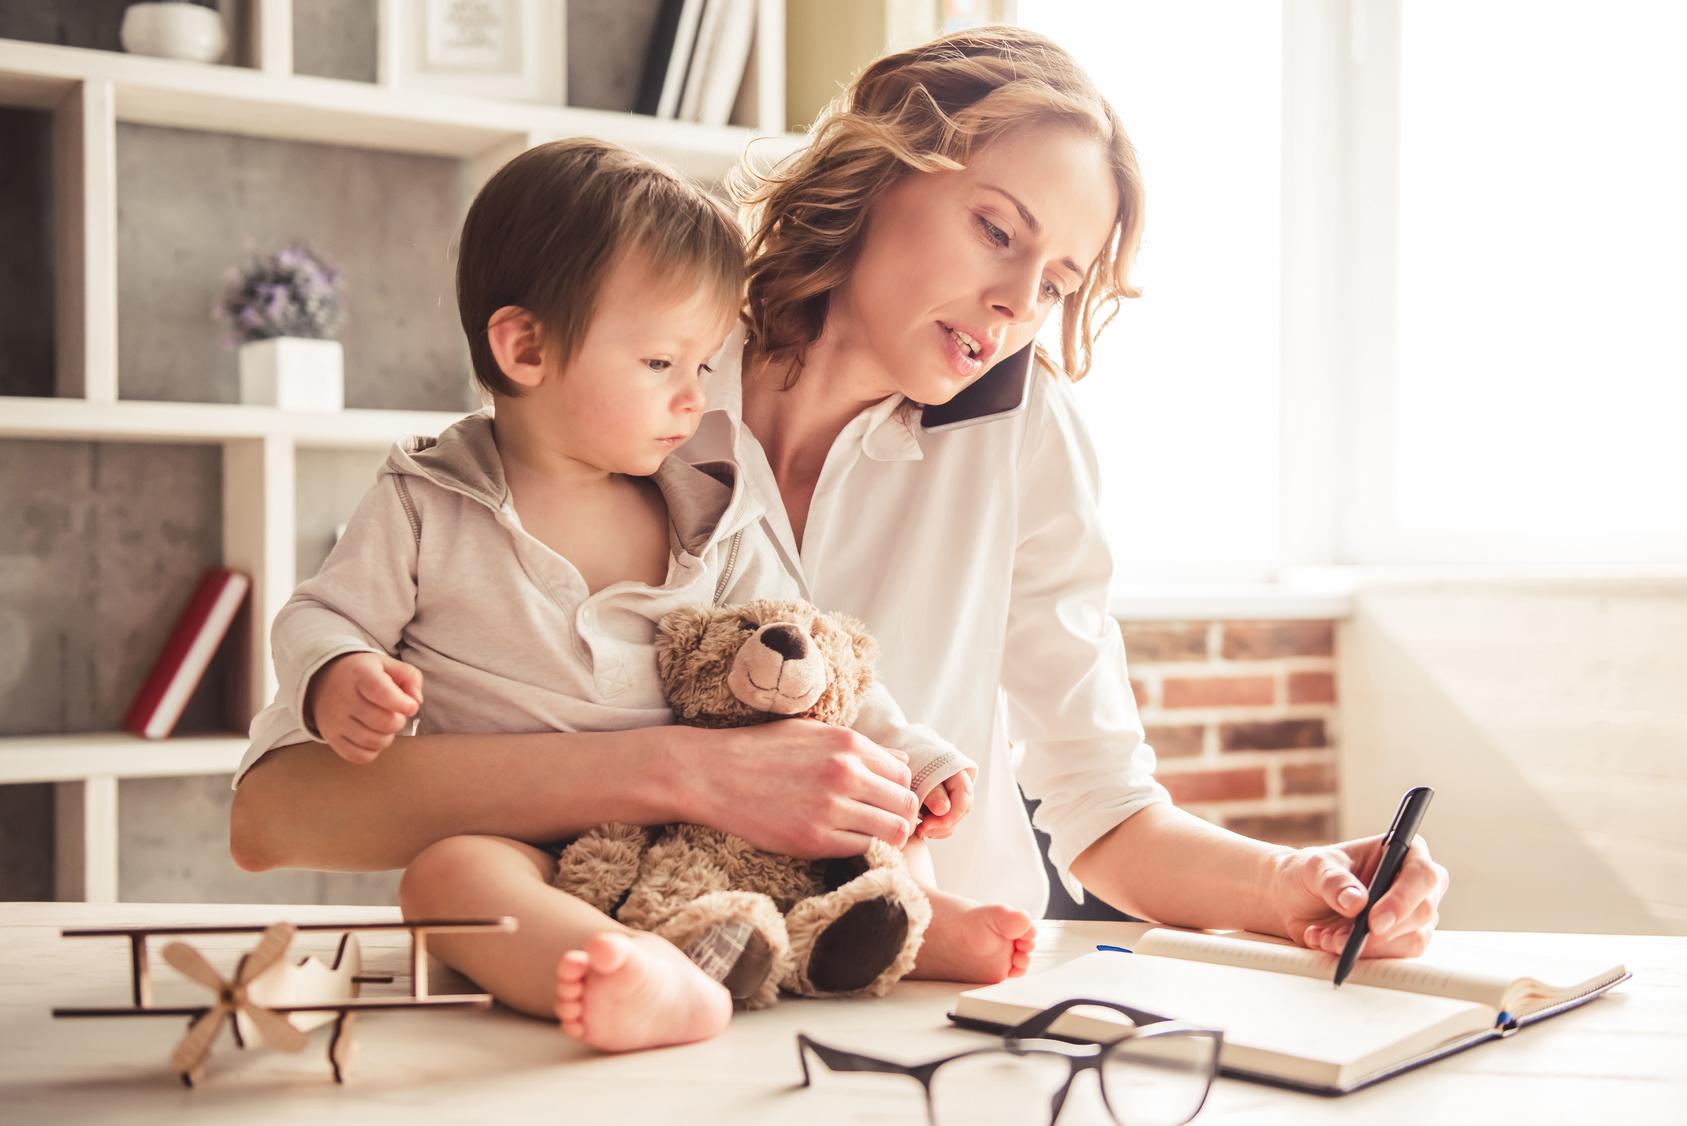 Arbeitende Mütter werden eigenen hohen Ansprüchen nicht gerecht